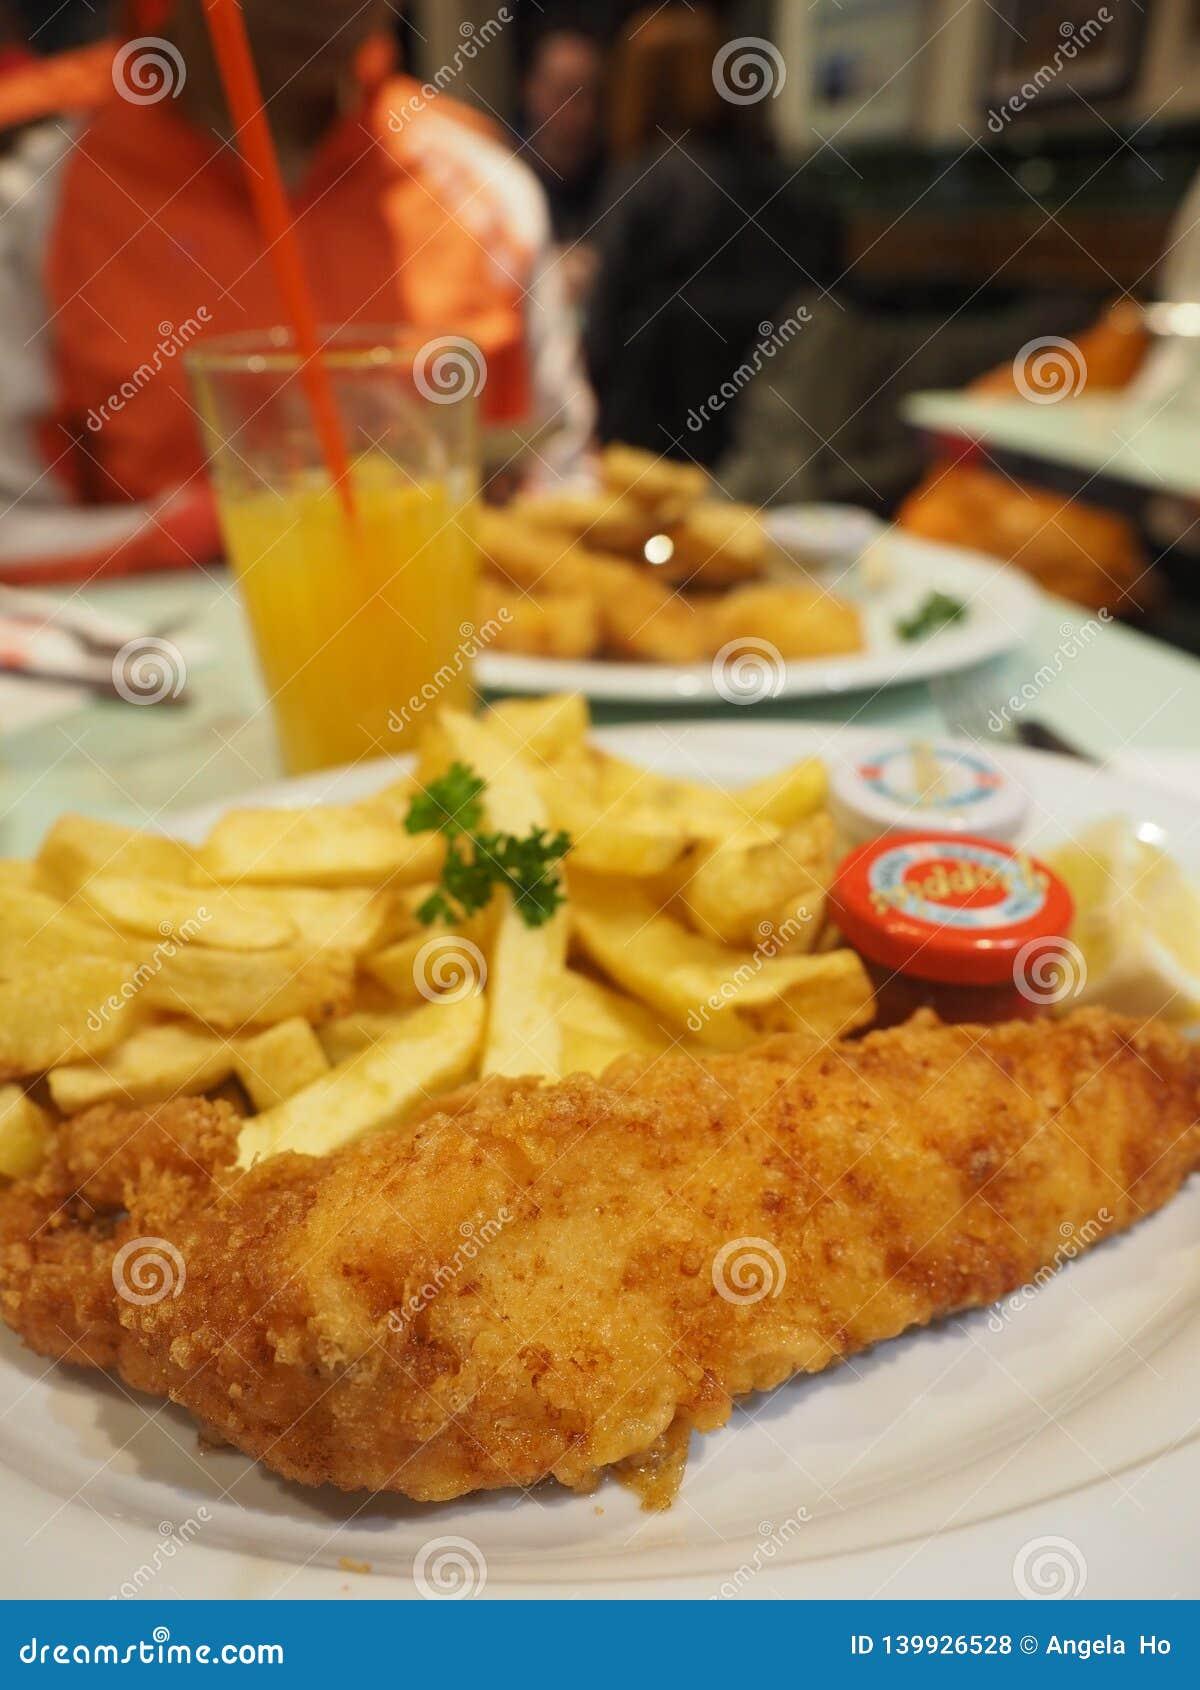 Köstliche gebratene Fisch und mit dem Glas Orangensaft bereit auf einer Platte